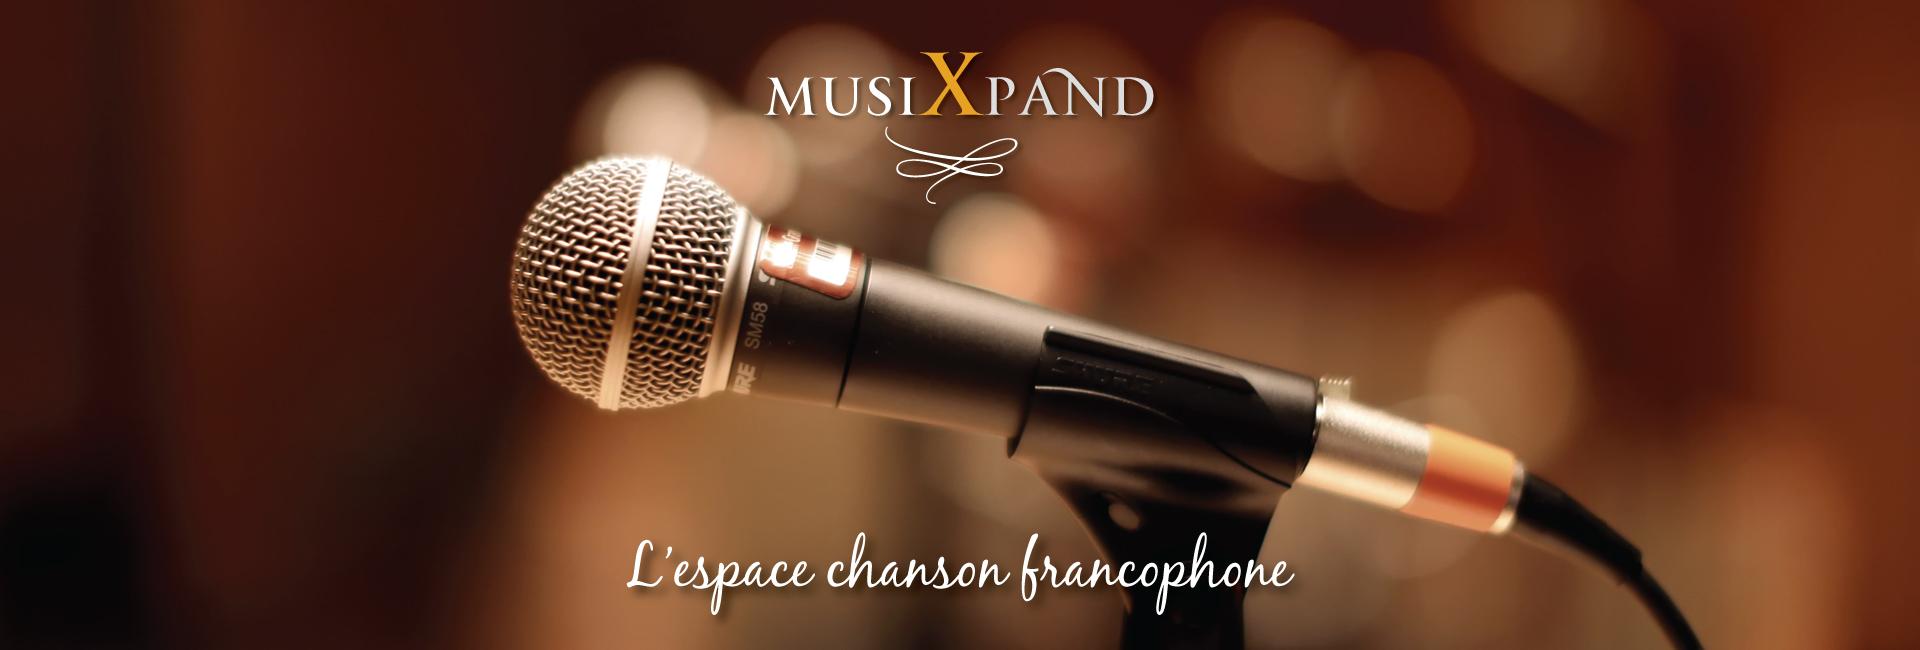 Lancement du projet sur la chanson francophone MusiXpand avec Raphaël Vaucourte